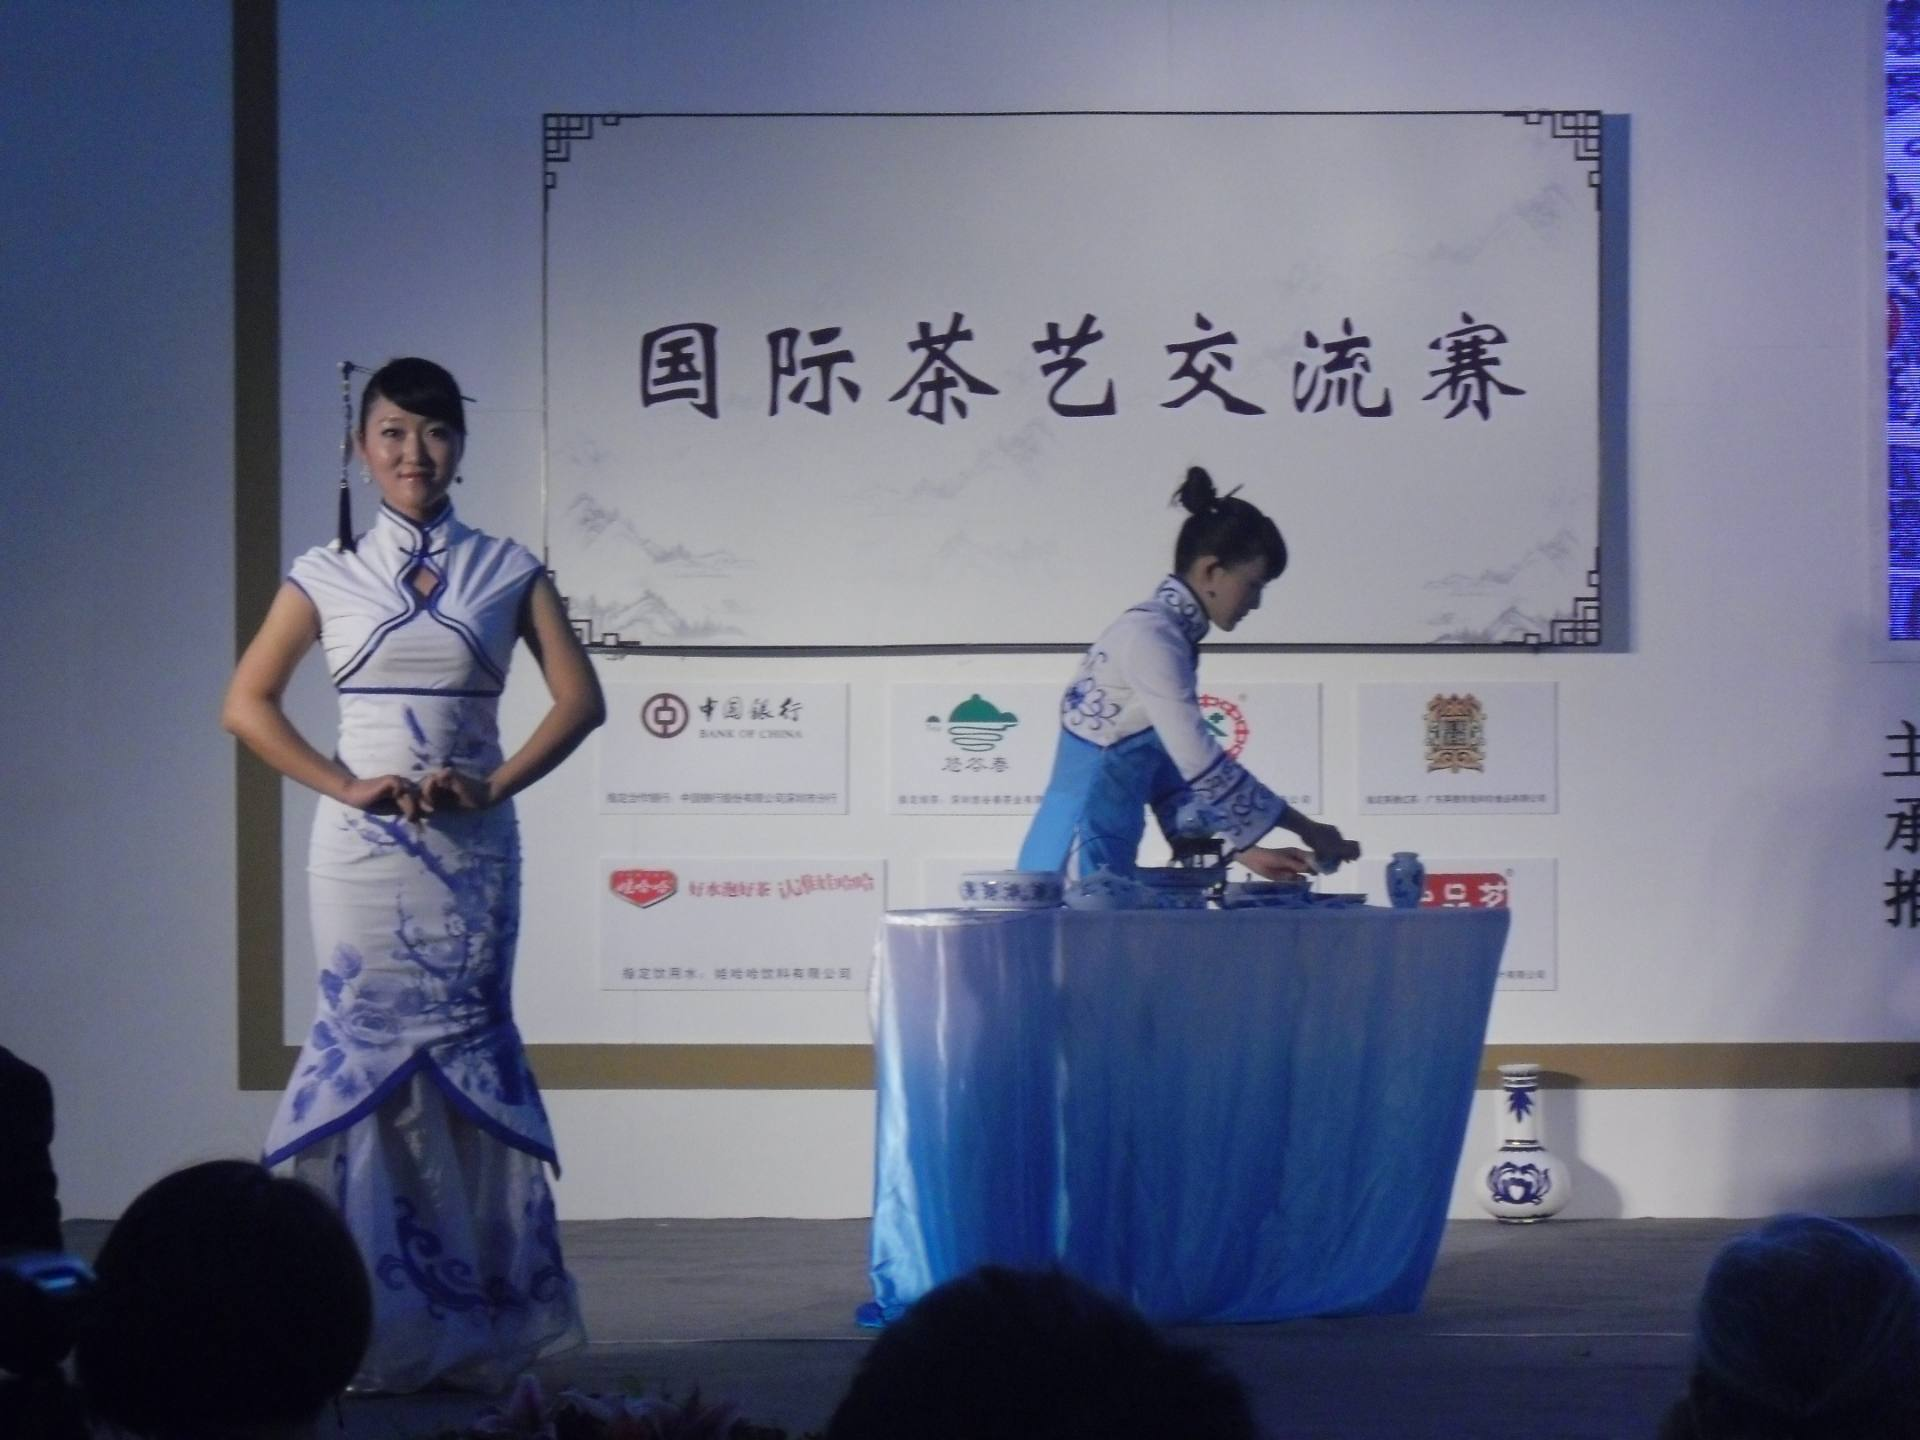 印记:茗醉青花-2011年深圳茶博会随拍老照片